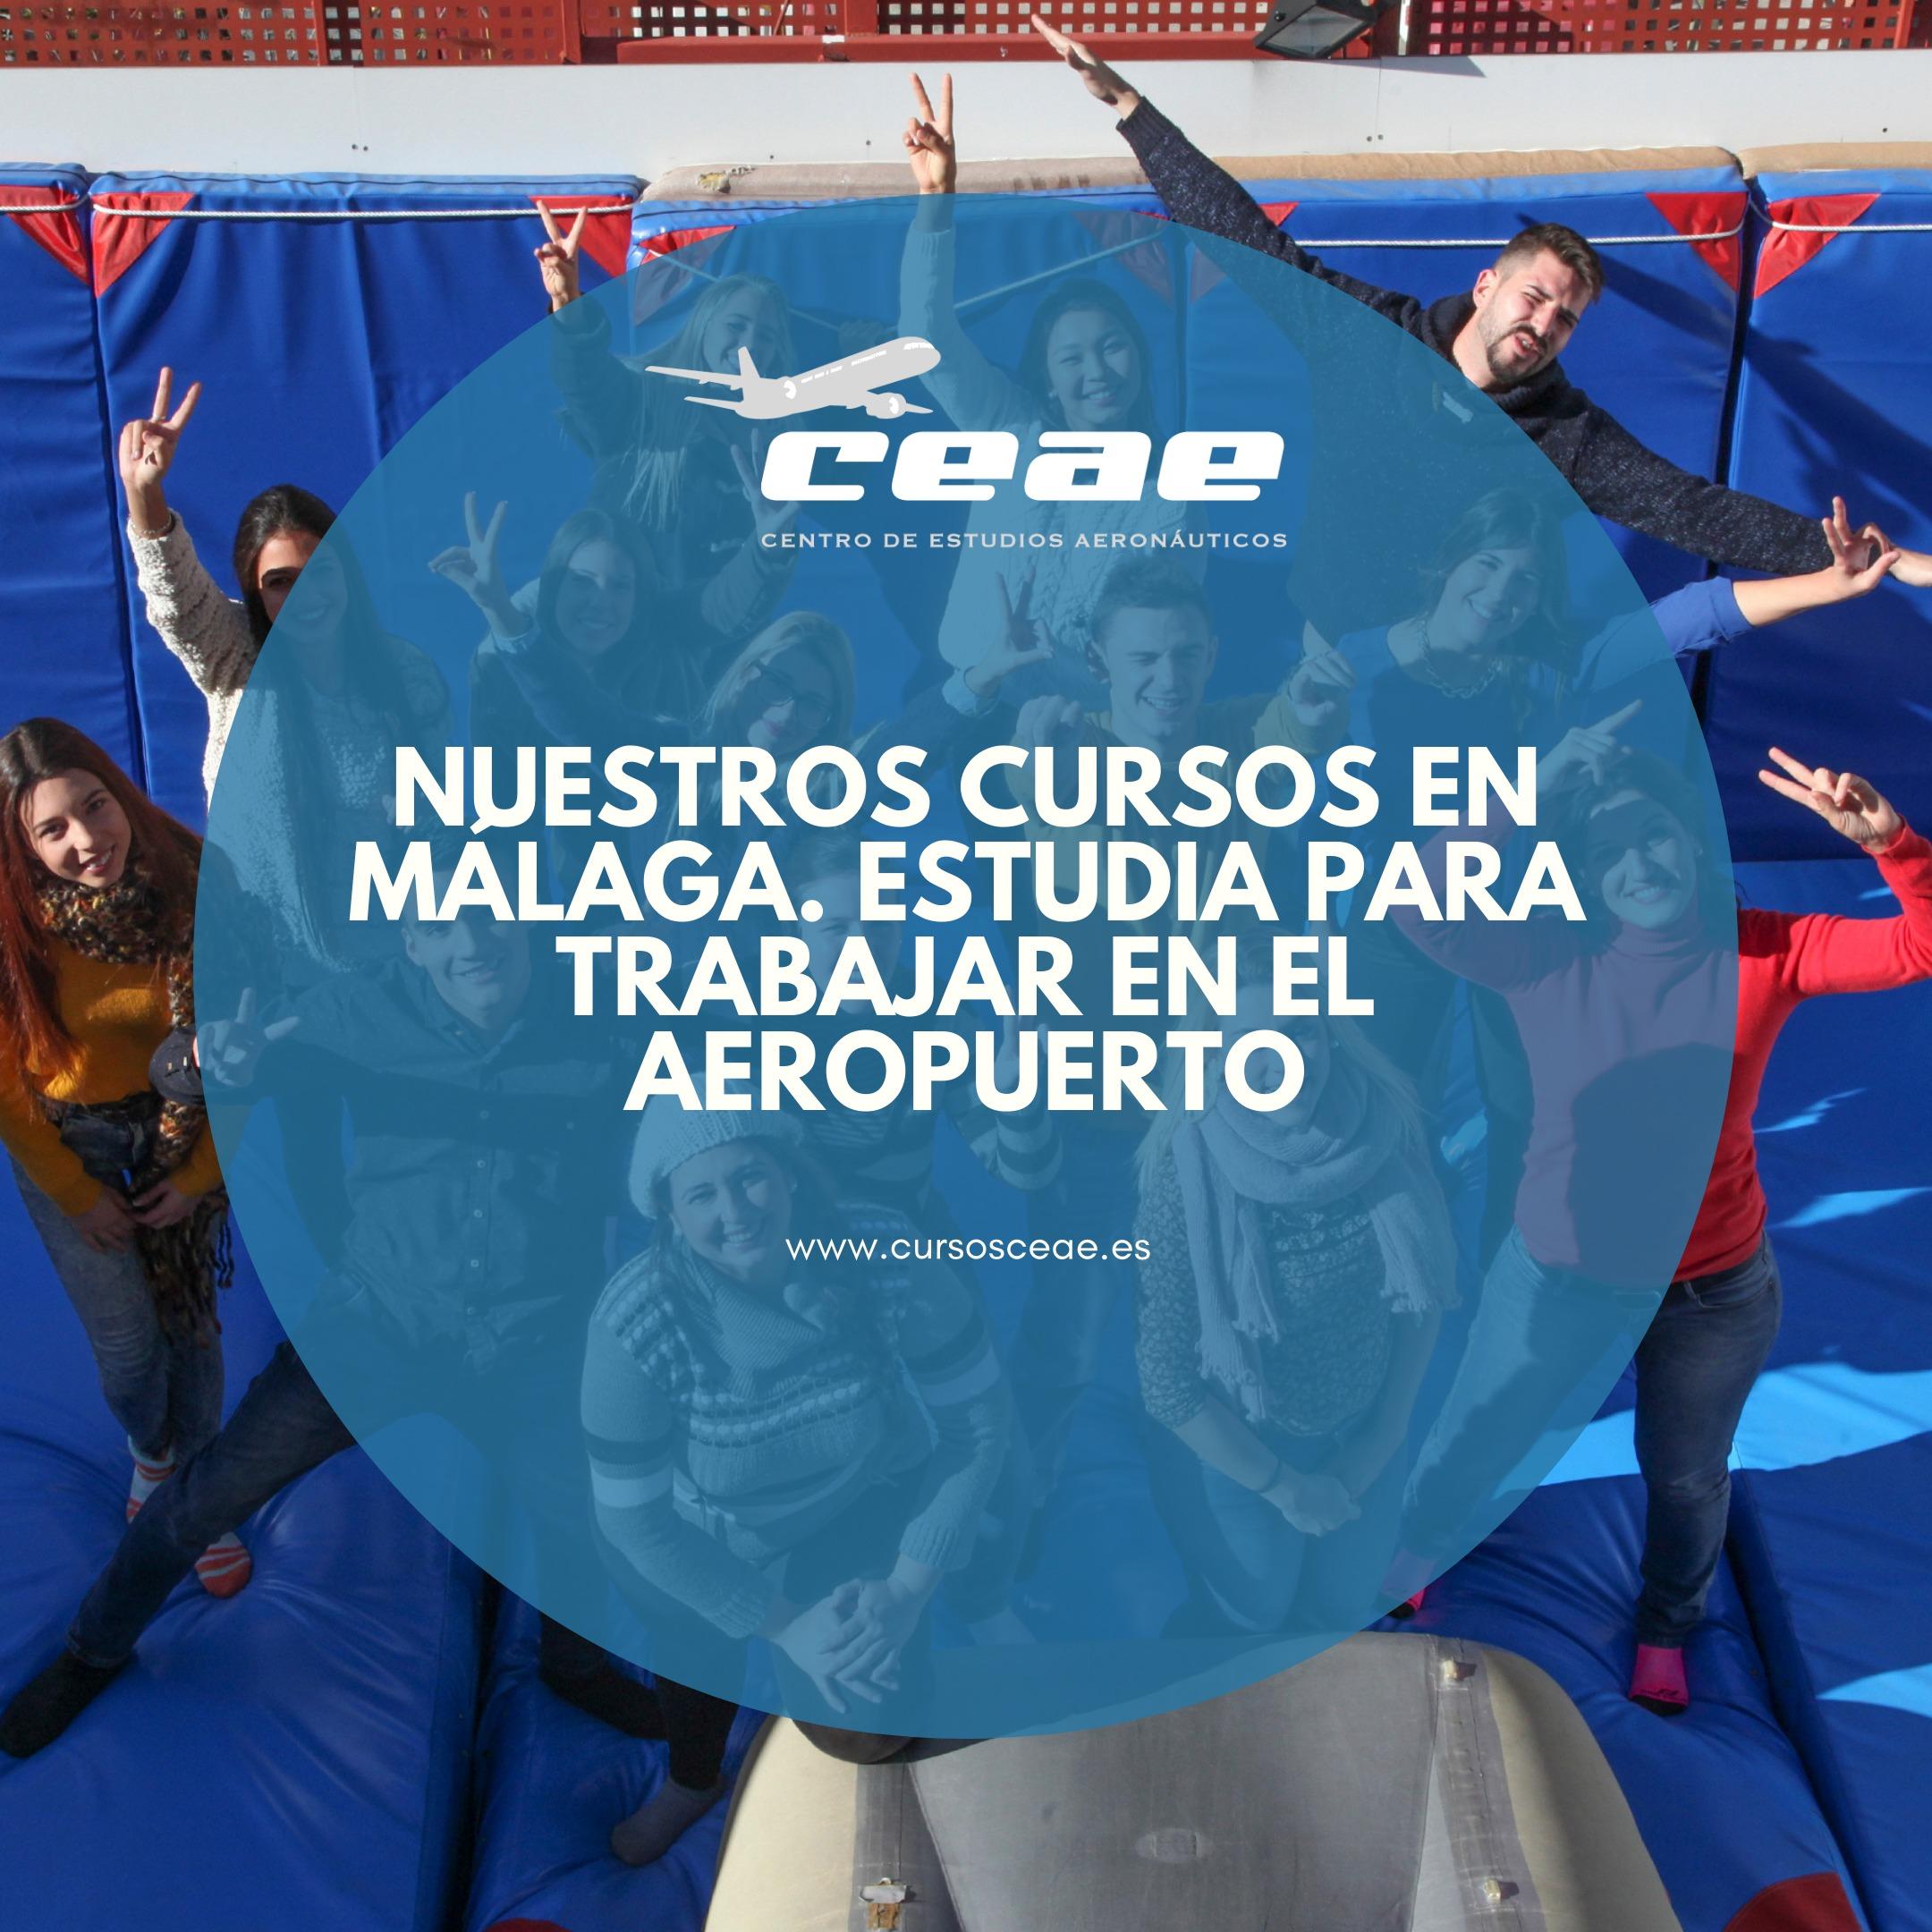 La promoción 147M del curso TCP en Valencia finaliza hoy su promoción. ¡Nos vemos volando!